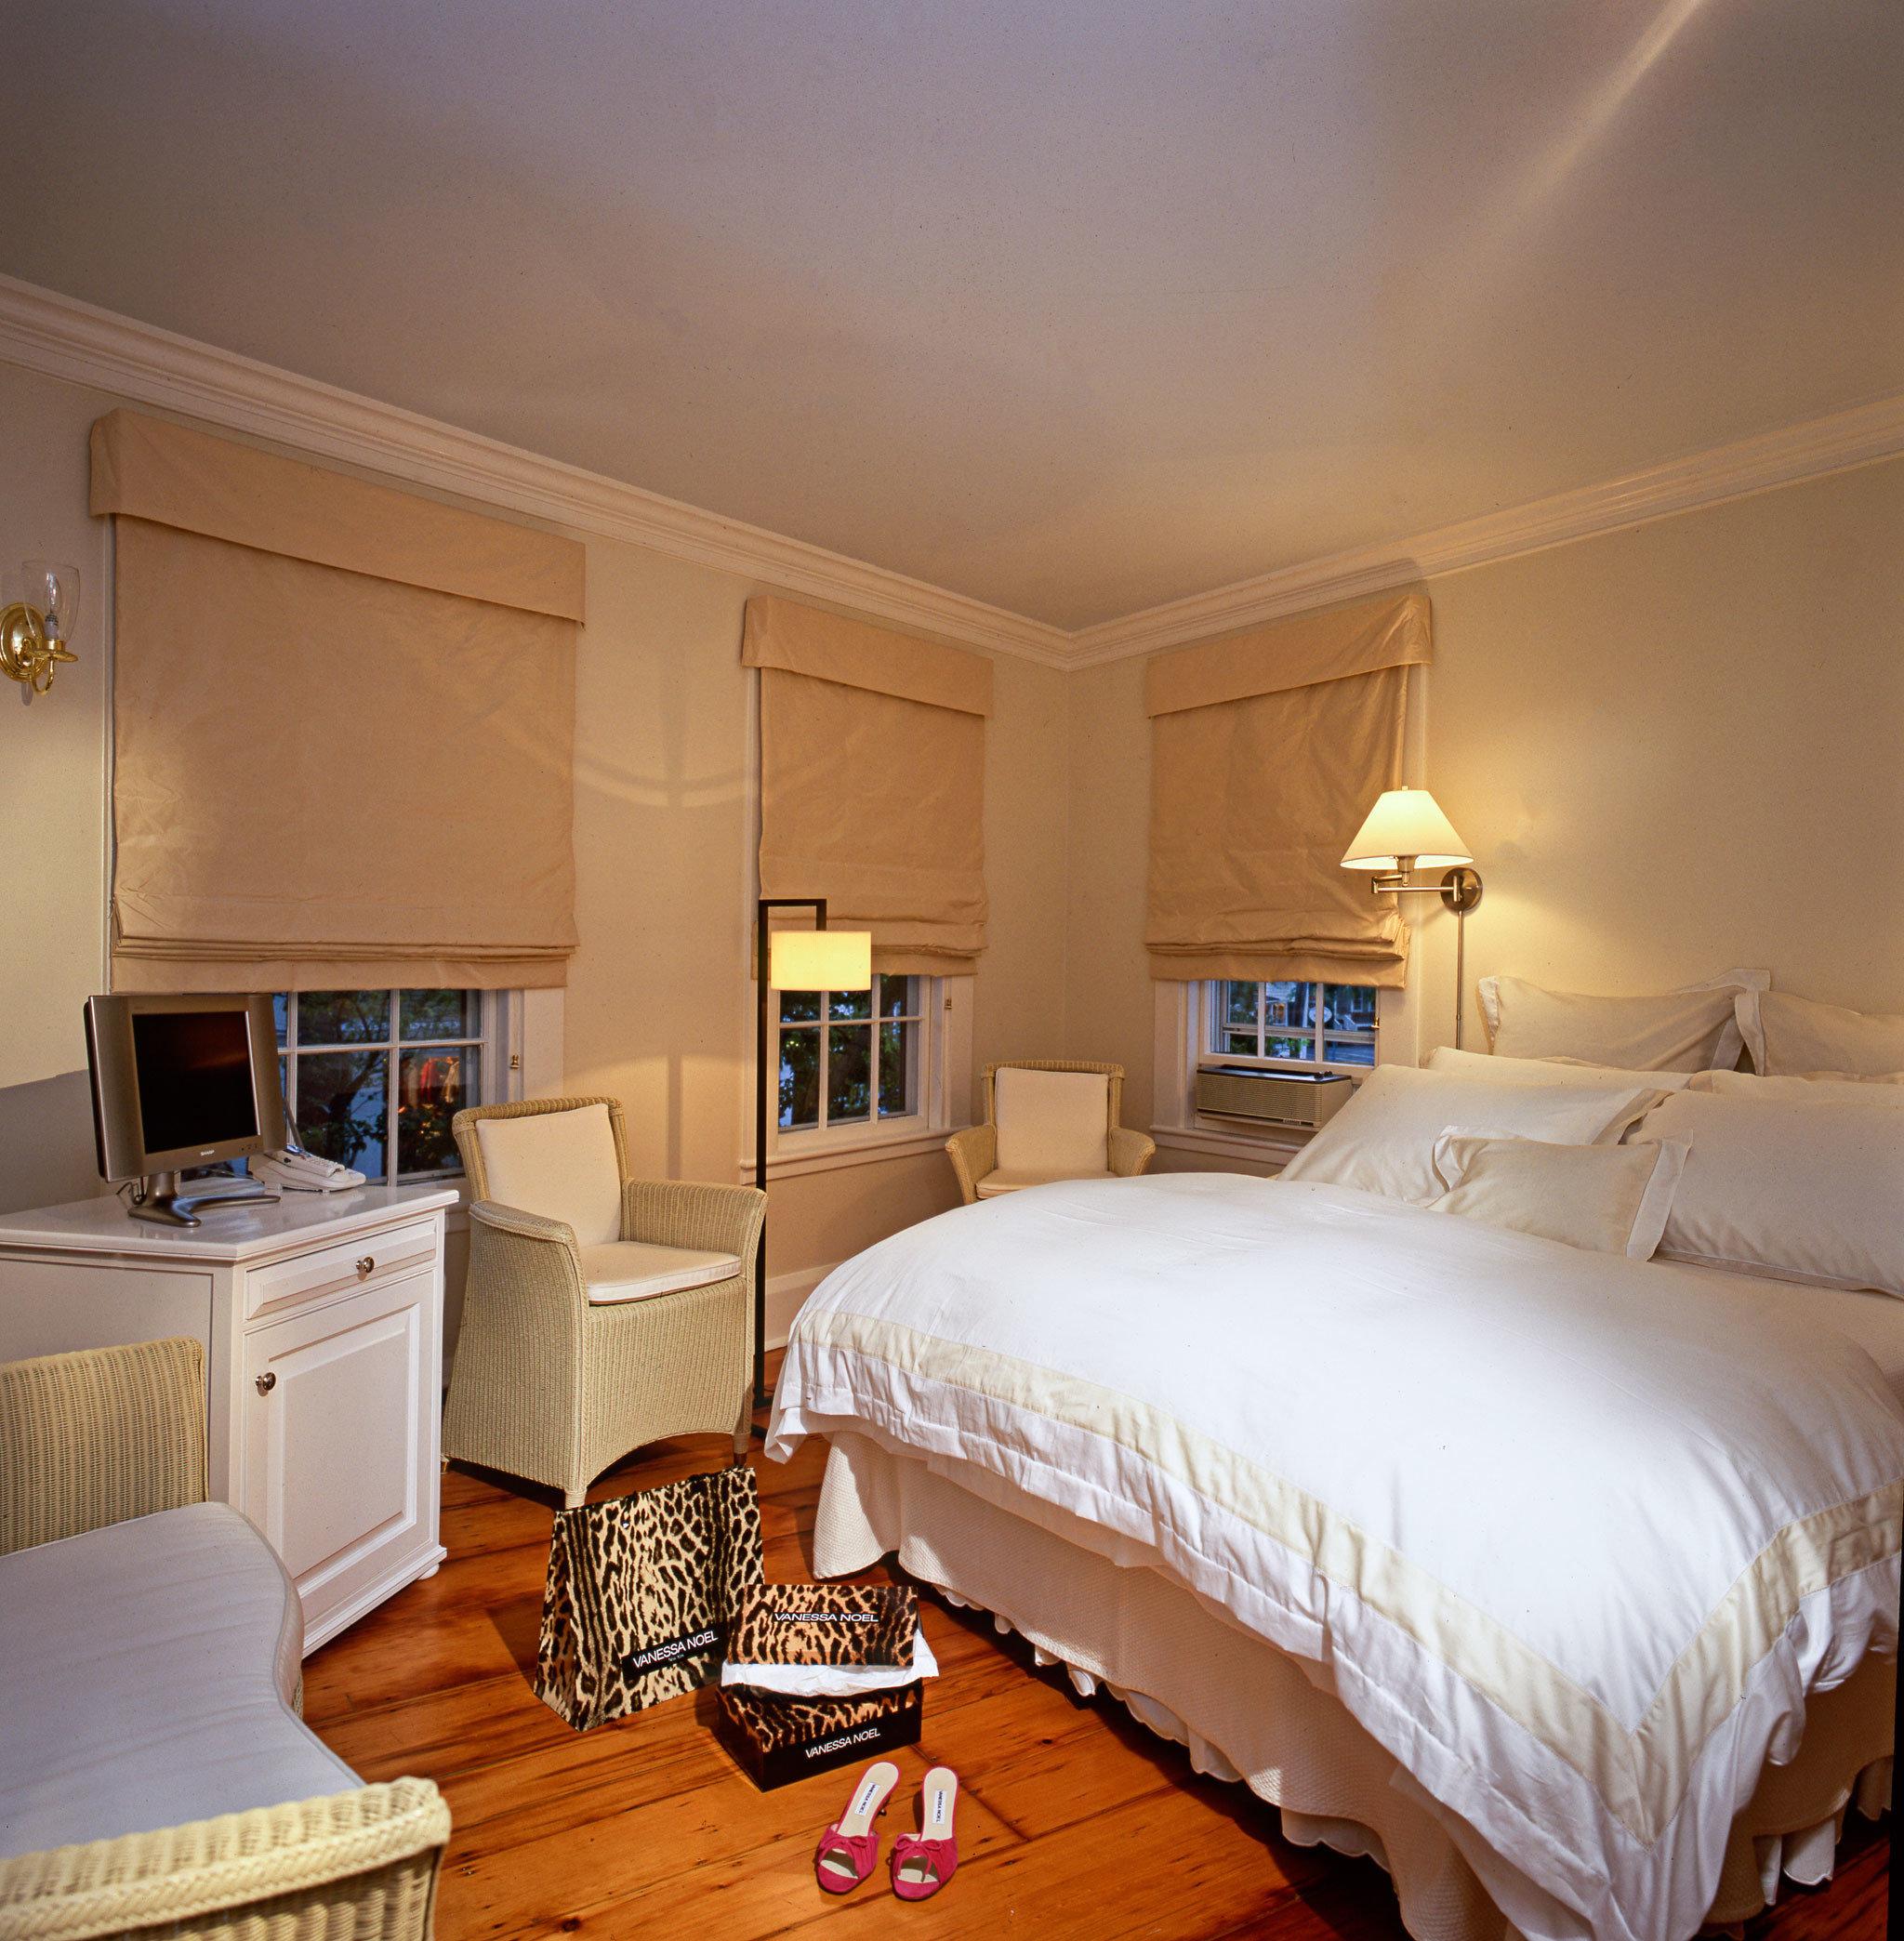 Bedroom Boutique Budget property Suite home cottage bed sheet living room